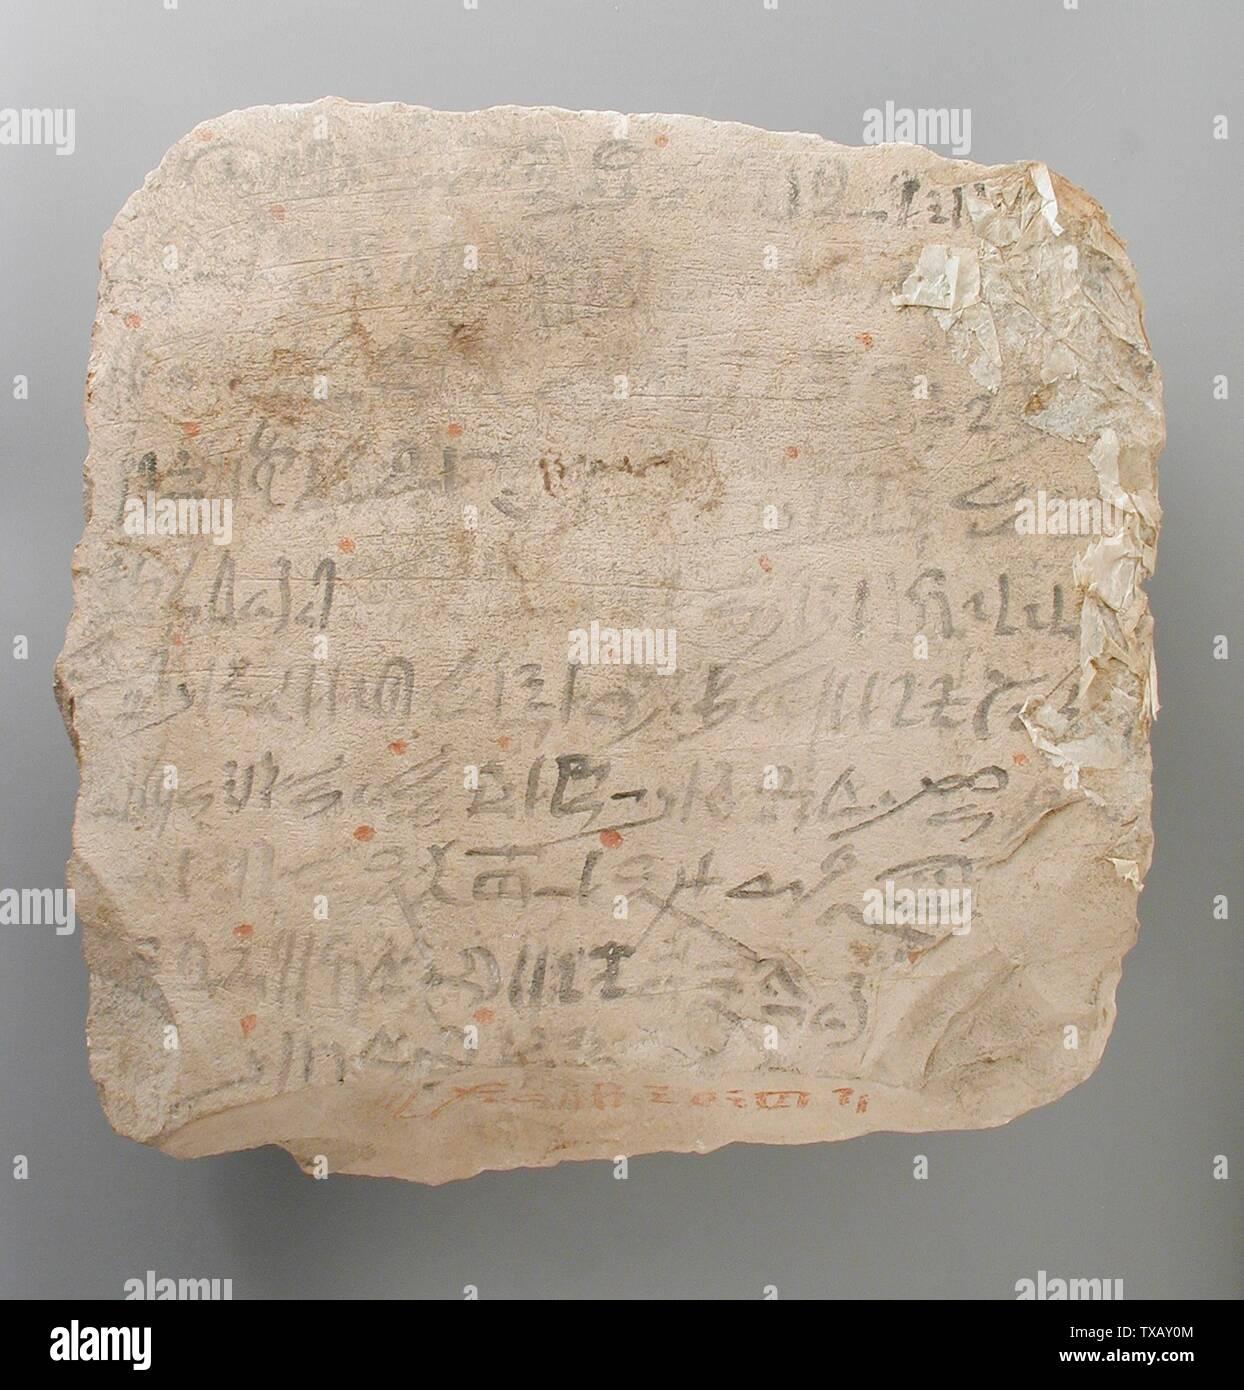 'Ostracon inscrit avec l'ouverture de la bouche, rituel de l'Égypte, Nouvel Empire, 19e et 20e dynastie, 1315-1081 av. J.-C. Les outils et l'équipement; calcaire ostraka 7 1/2 x 7 1/2 in. (19 x 19 cm) Don de Carl W. Thomas (M.80.203.188) L'art égyptien en ce moment sur la vue du public: Hammer bâtiment, étage 3; 1315-1081 B.C.; ' Photo Stock